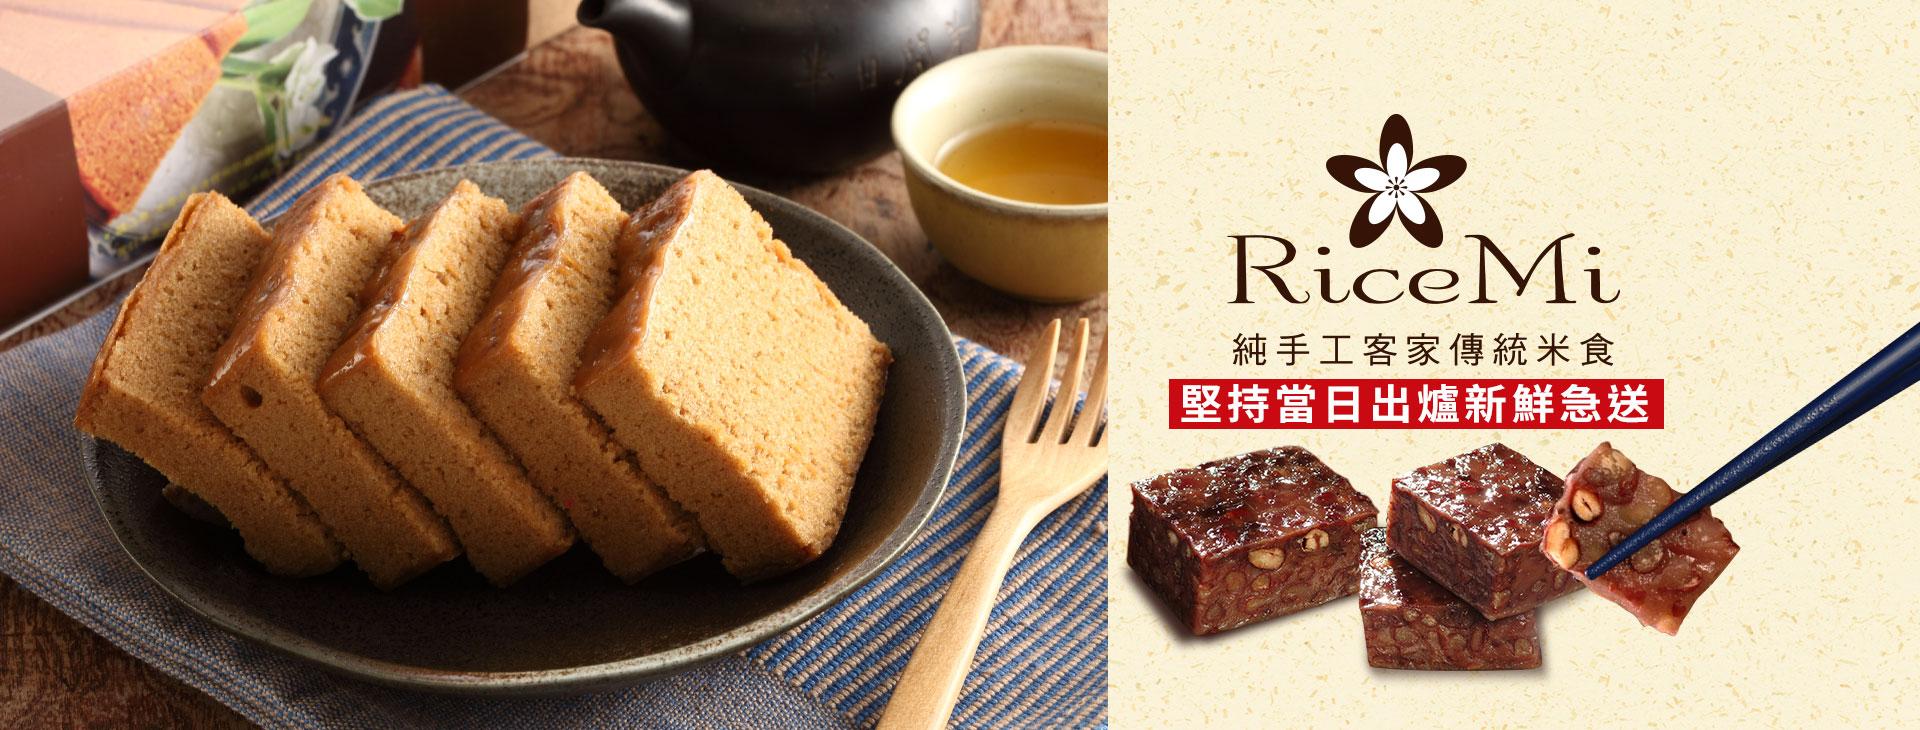 RiceMi客家米食